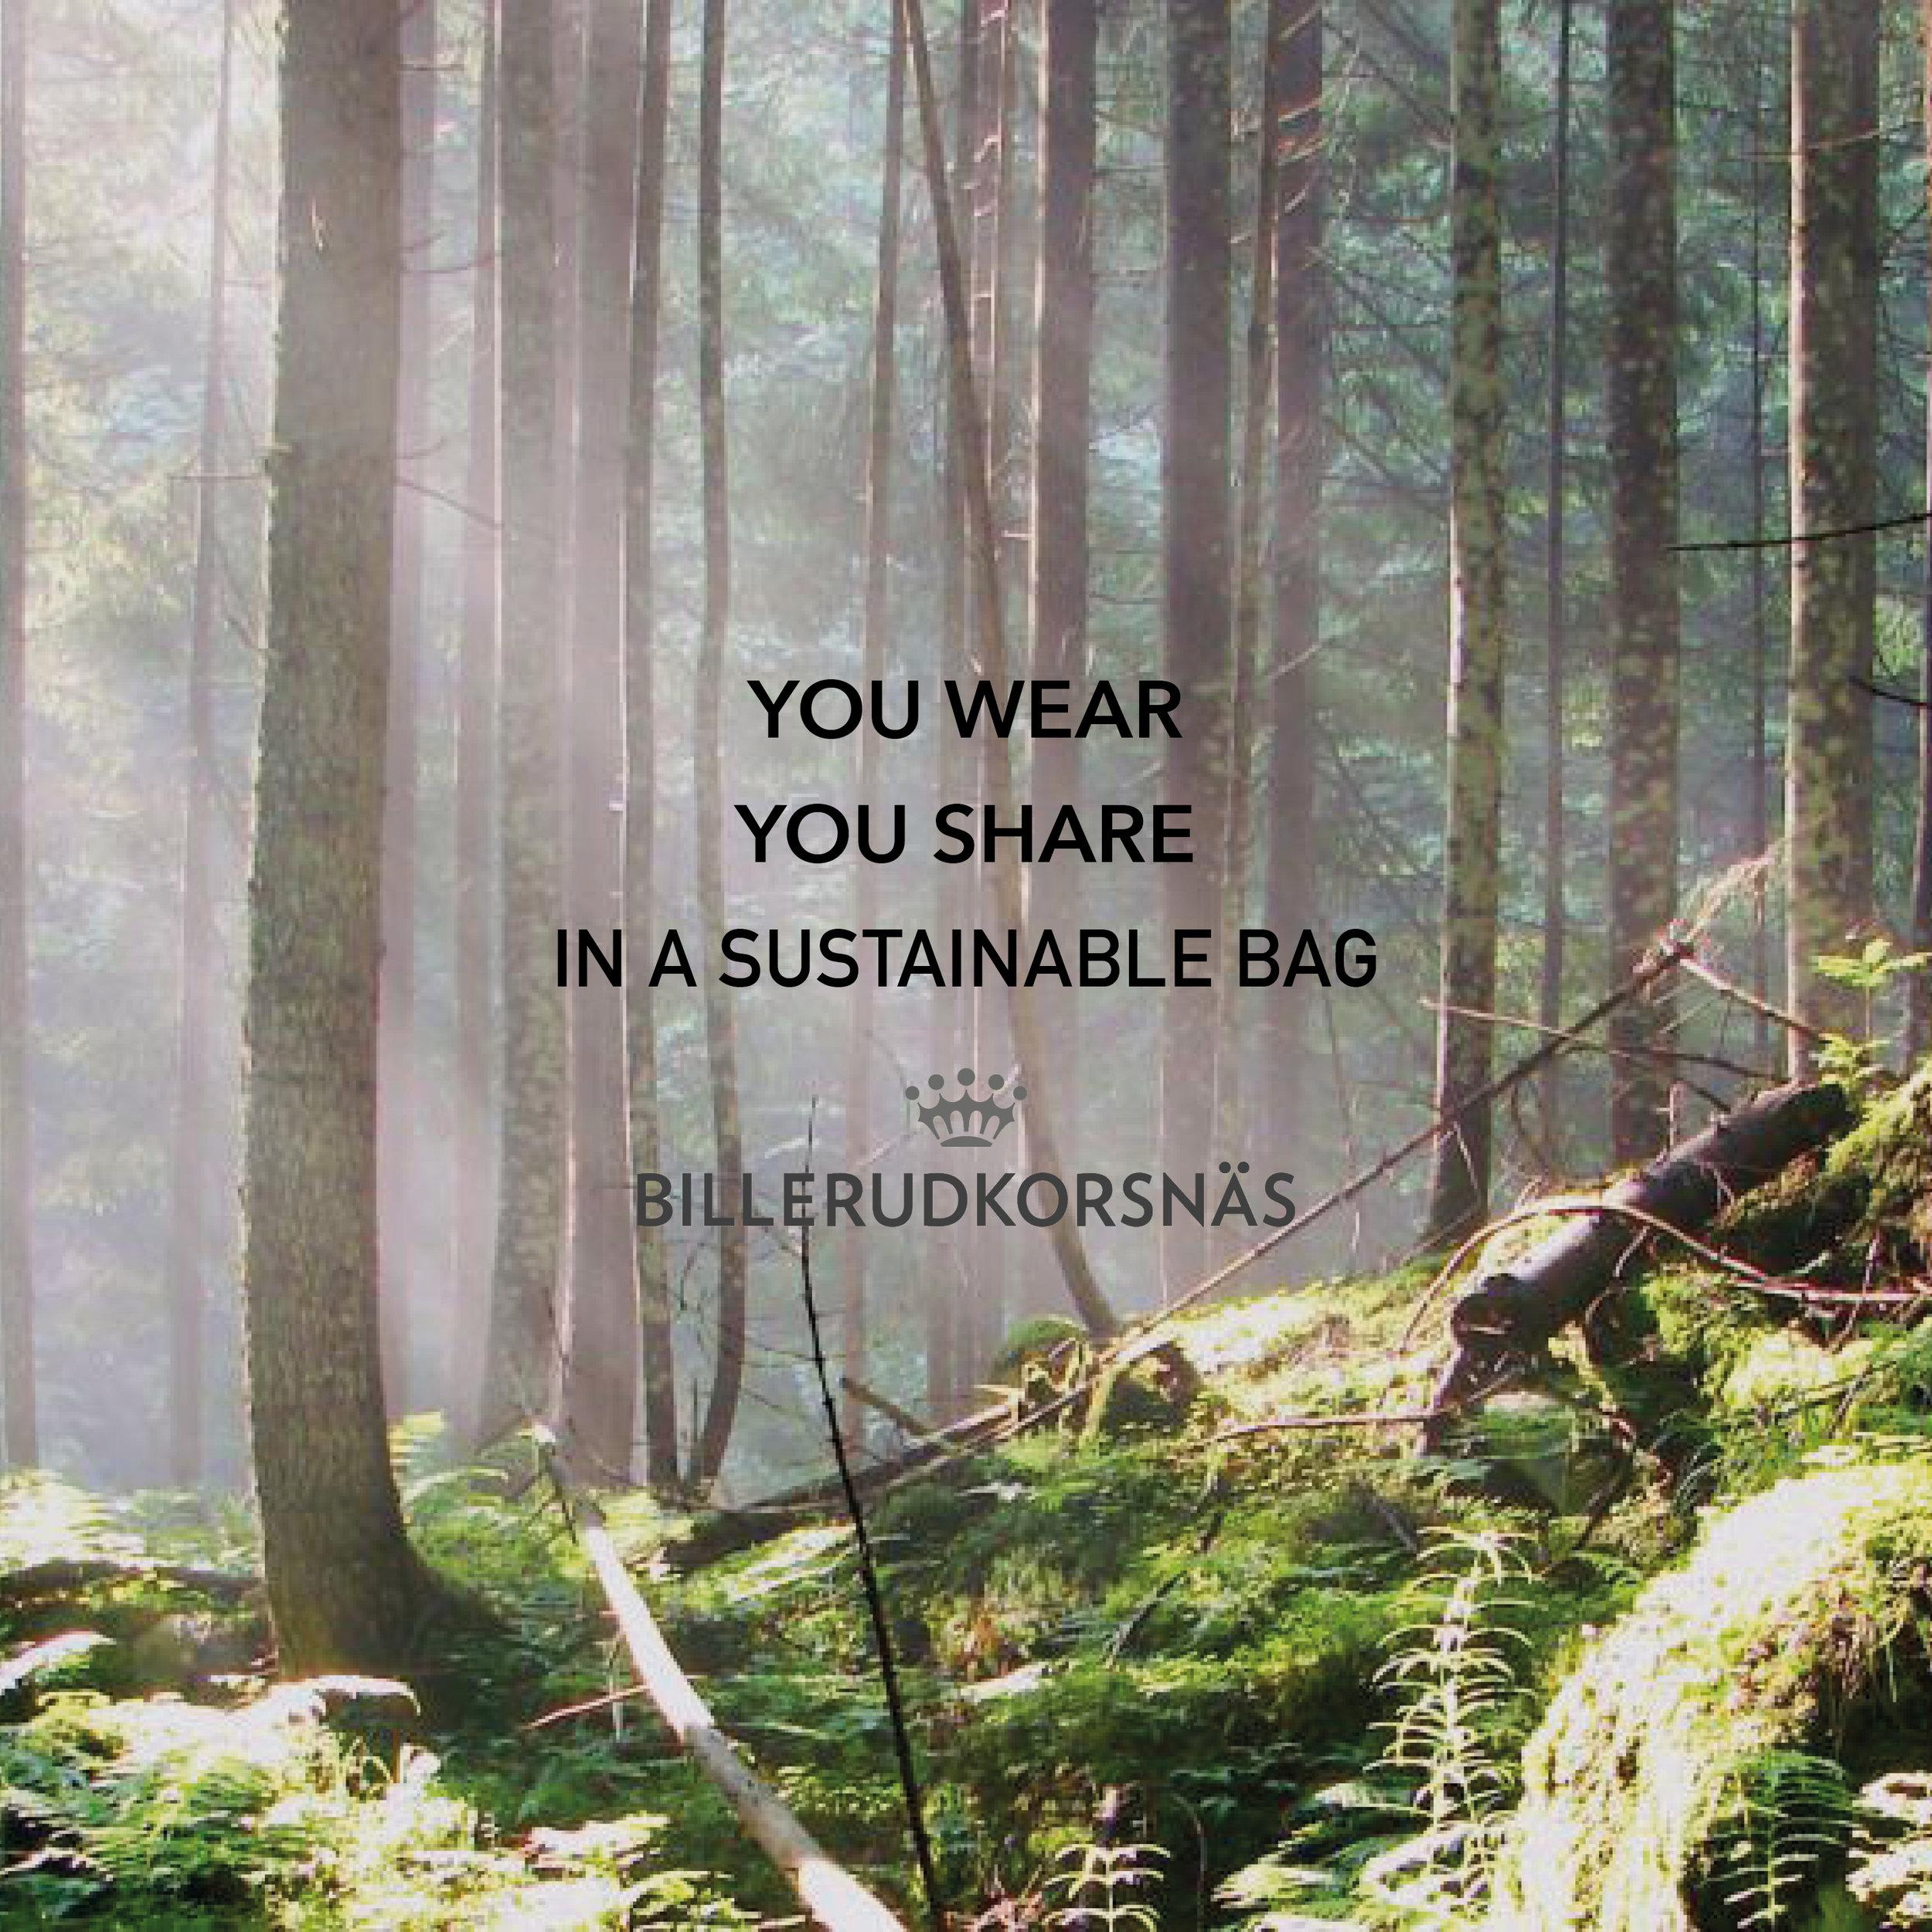 Billerudkornäs bidrar med miljösmarta kassar  www.billerudkorsnas.se